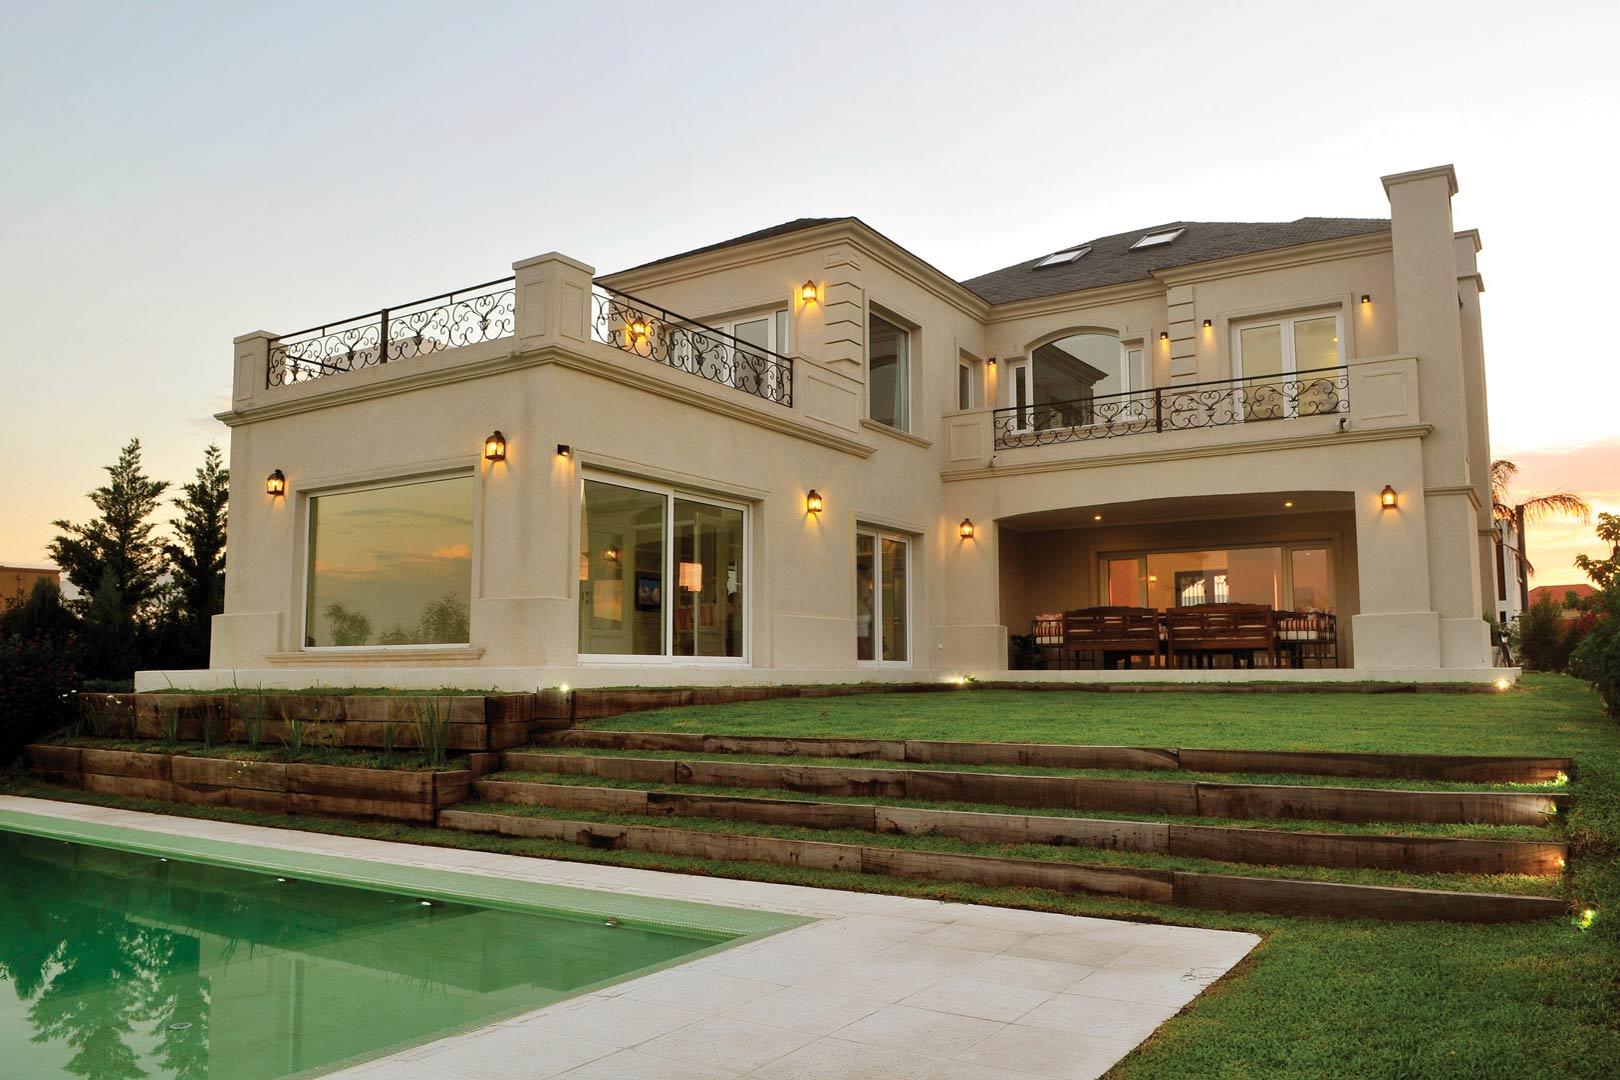 Ciba construcciones integrales bs as casa estilo for Estilos de viviendas